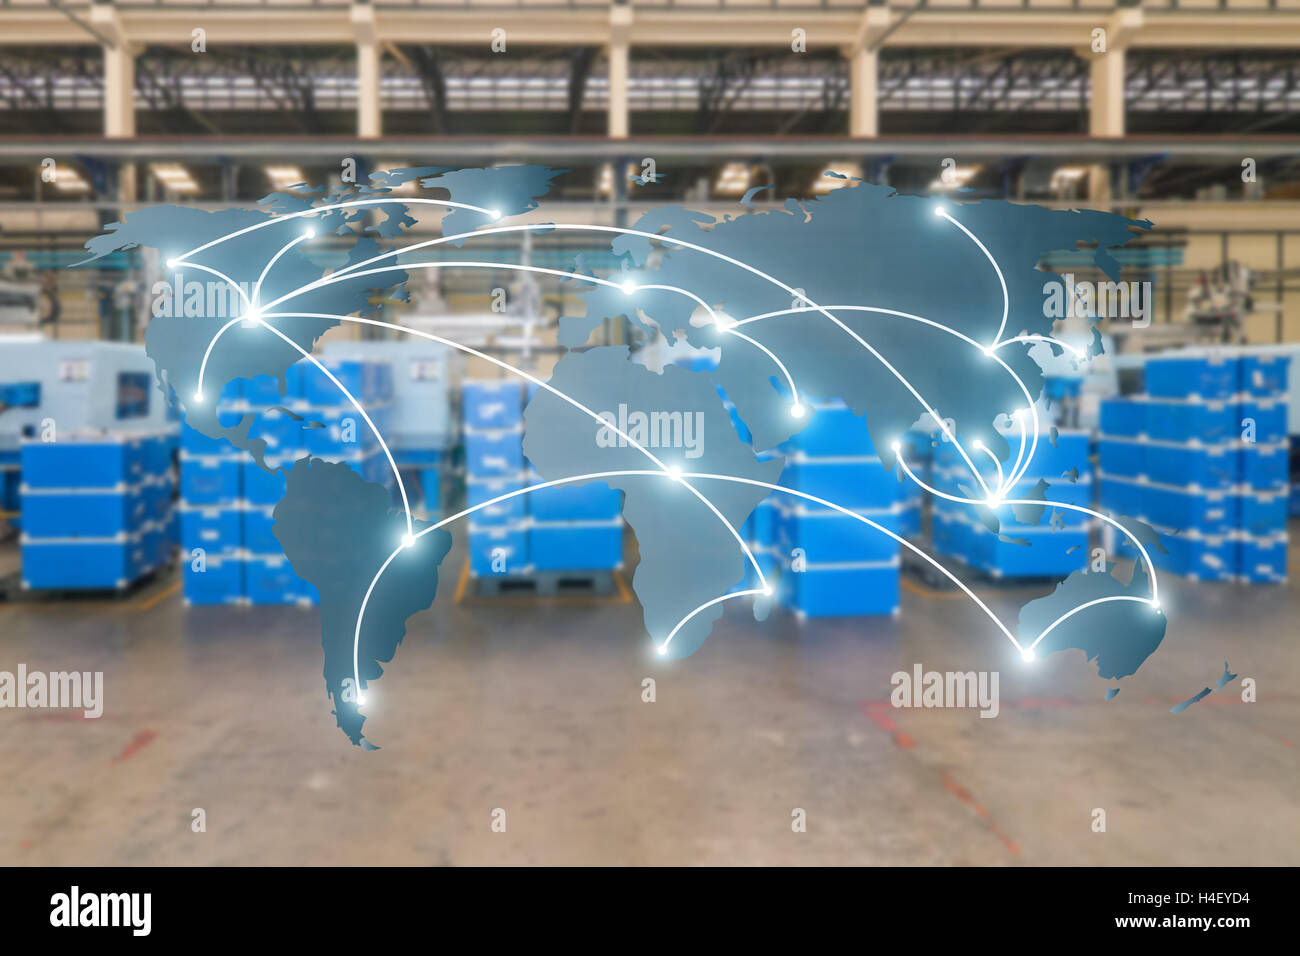 Welt internationale Karte Verbindung Netzwerk mit unscharfen Vertrieb Logistik Fracht Lager Hintergrund, Transport Stockbild